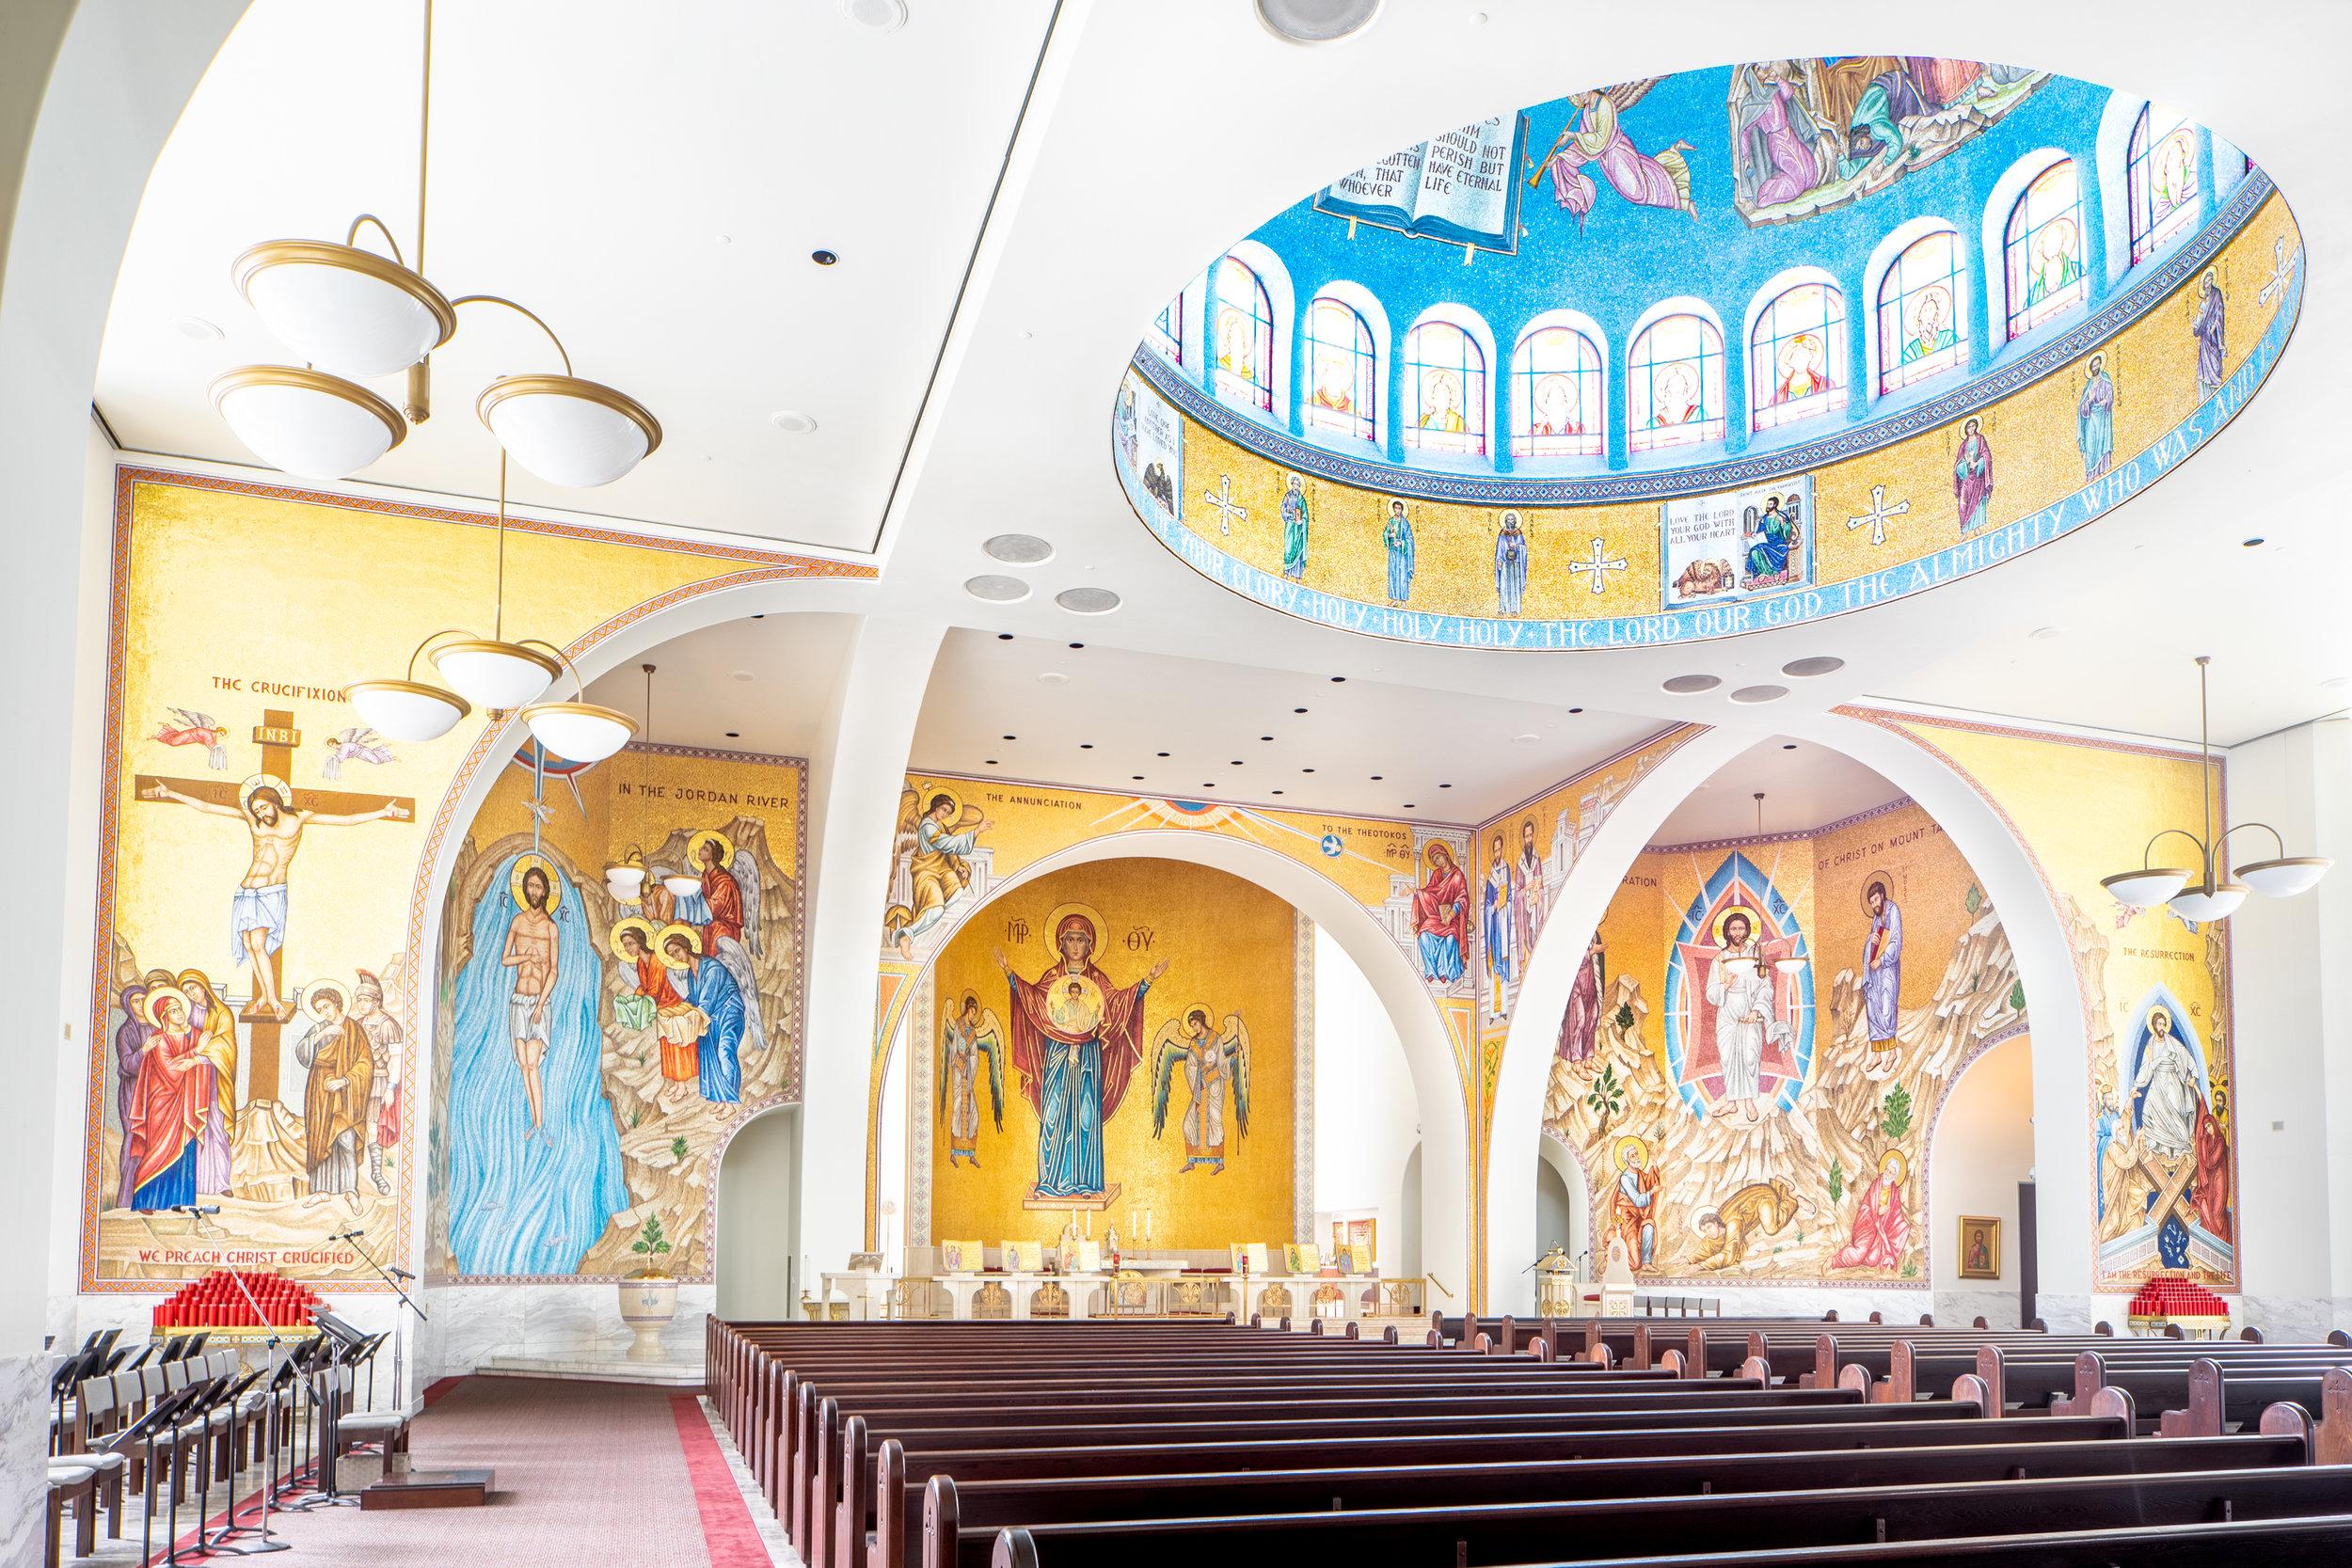 St. Pauls-2.jpg